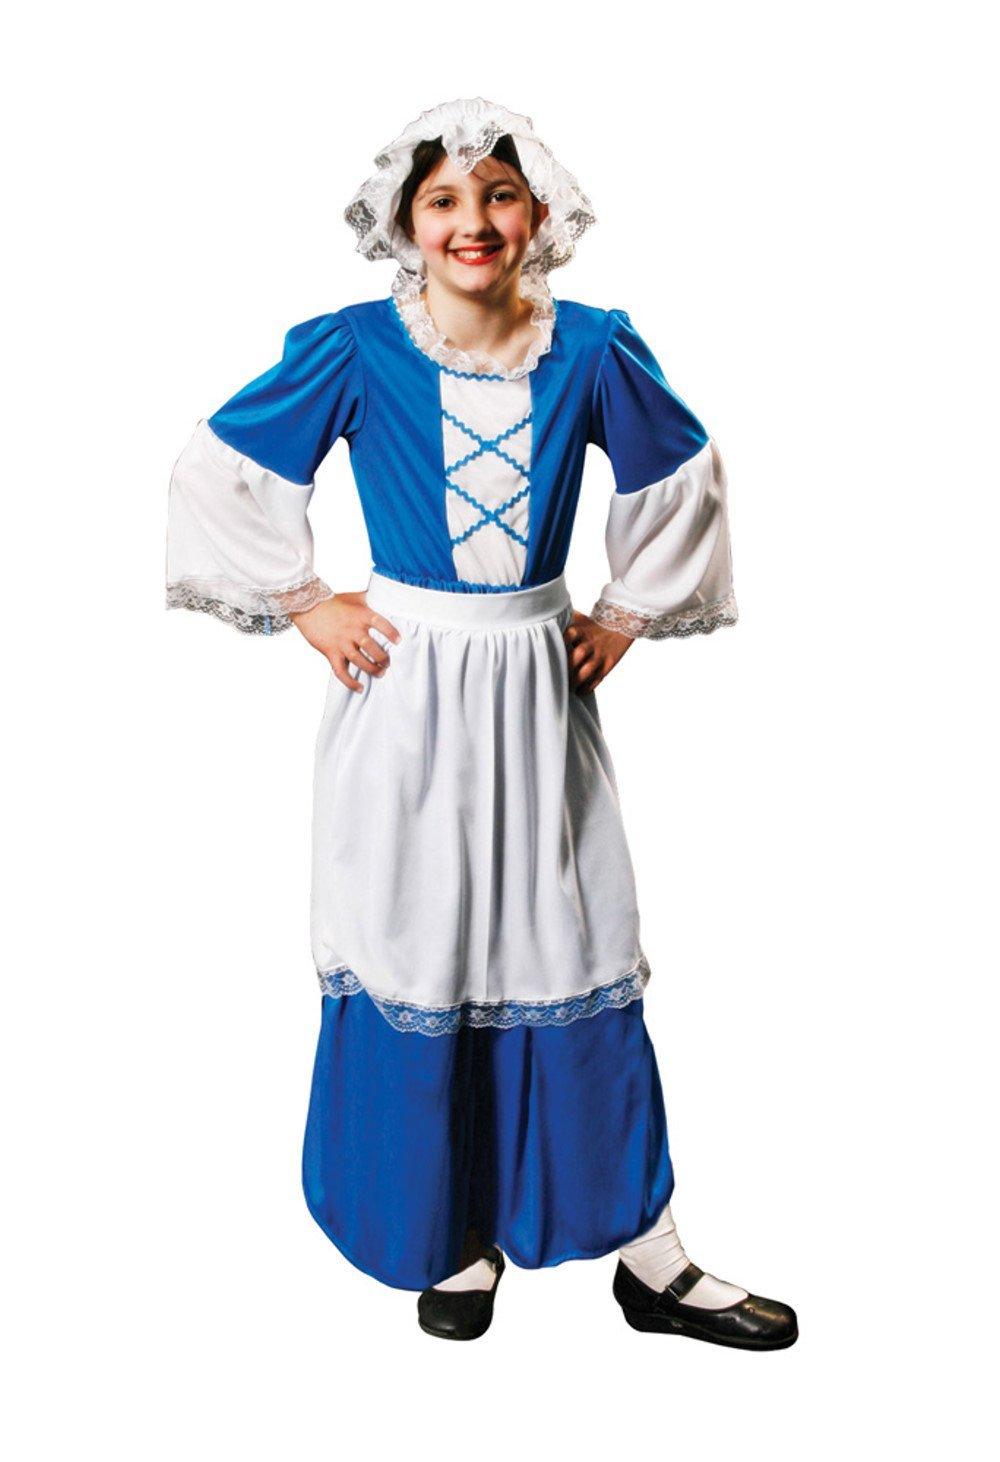 Girls Fancy Dress Girl's Tudor Costume Age 7-9 Blue